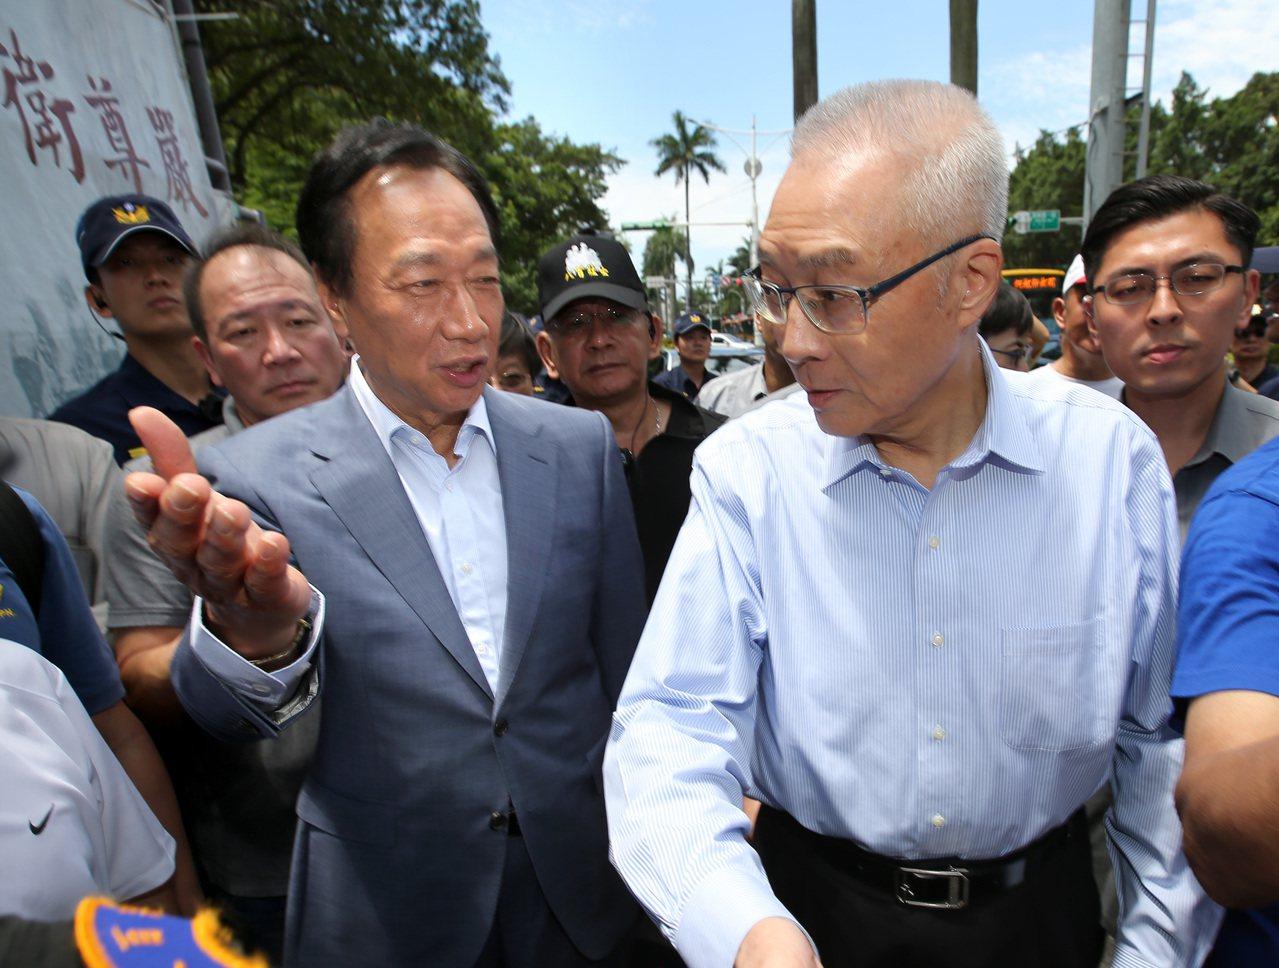 今年6月鴻海創辦人郭台銘(左)與國民黨主席吳敦義(右)出席新書發表會。本報資料照...